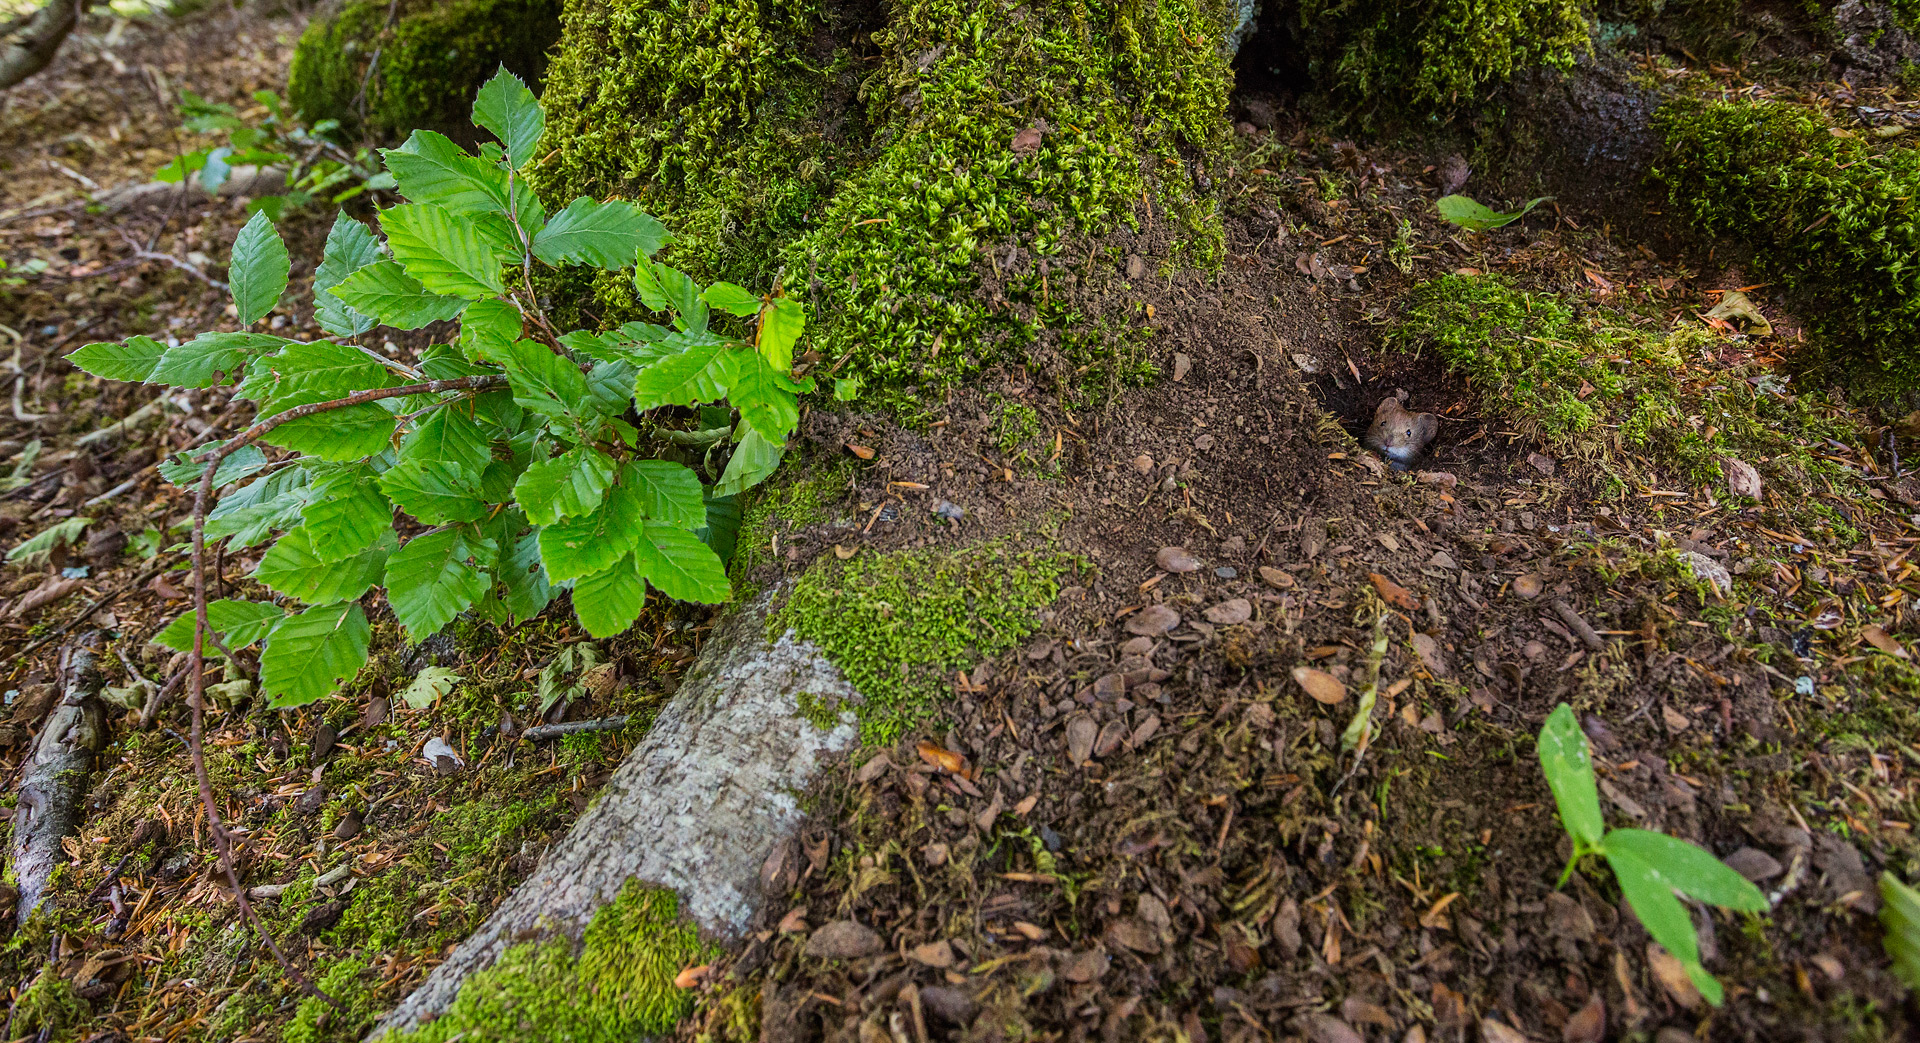 Un'arvicola rossastra (Myodes glareolus) fa capolino da una galleria scavata nel terreno alla base di un faggio secolare.